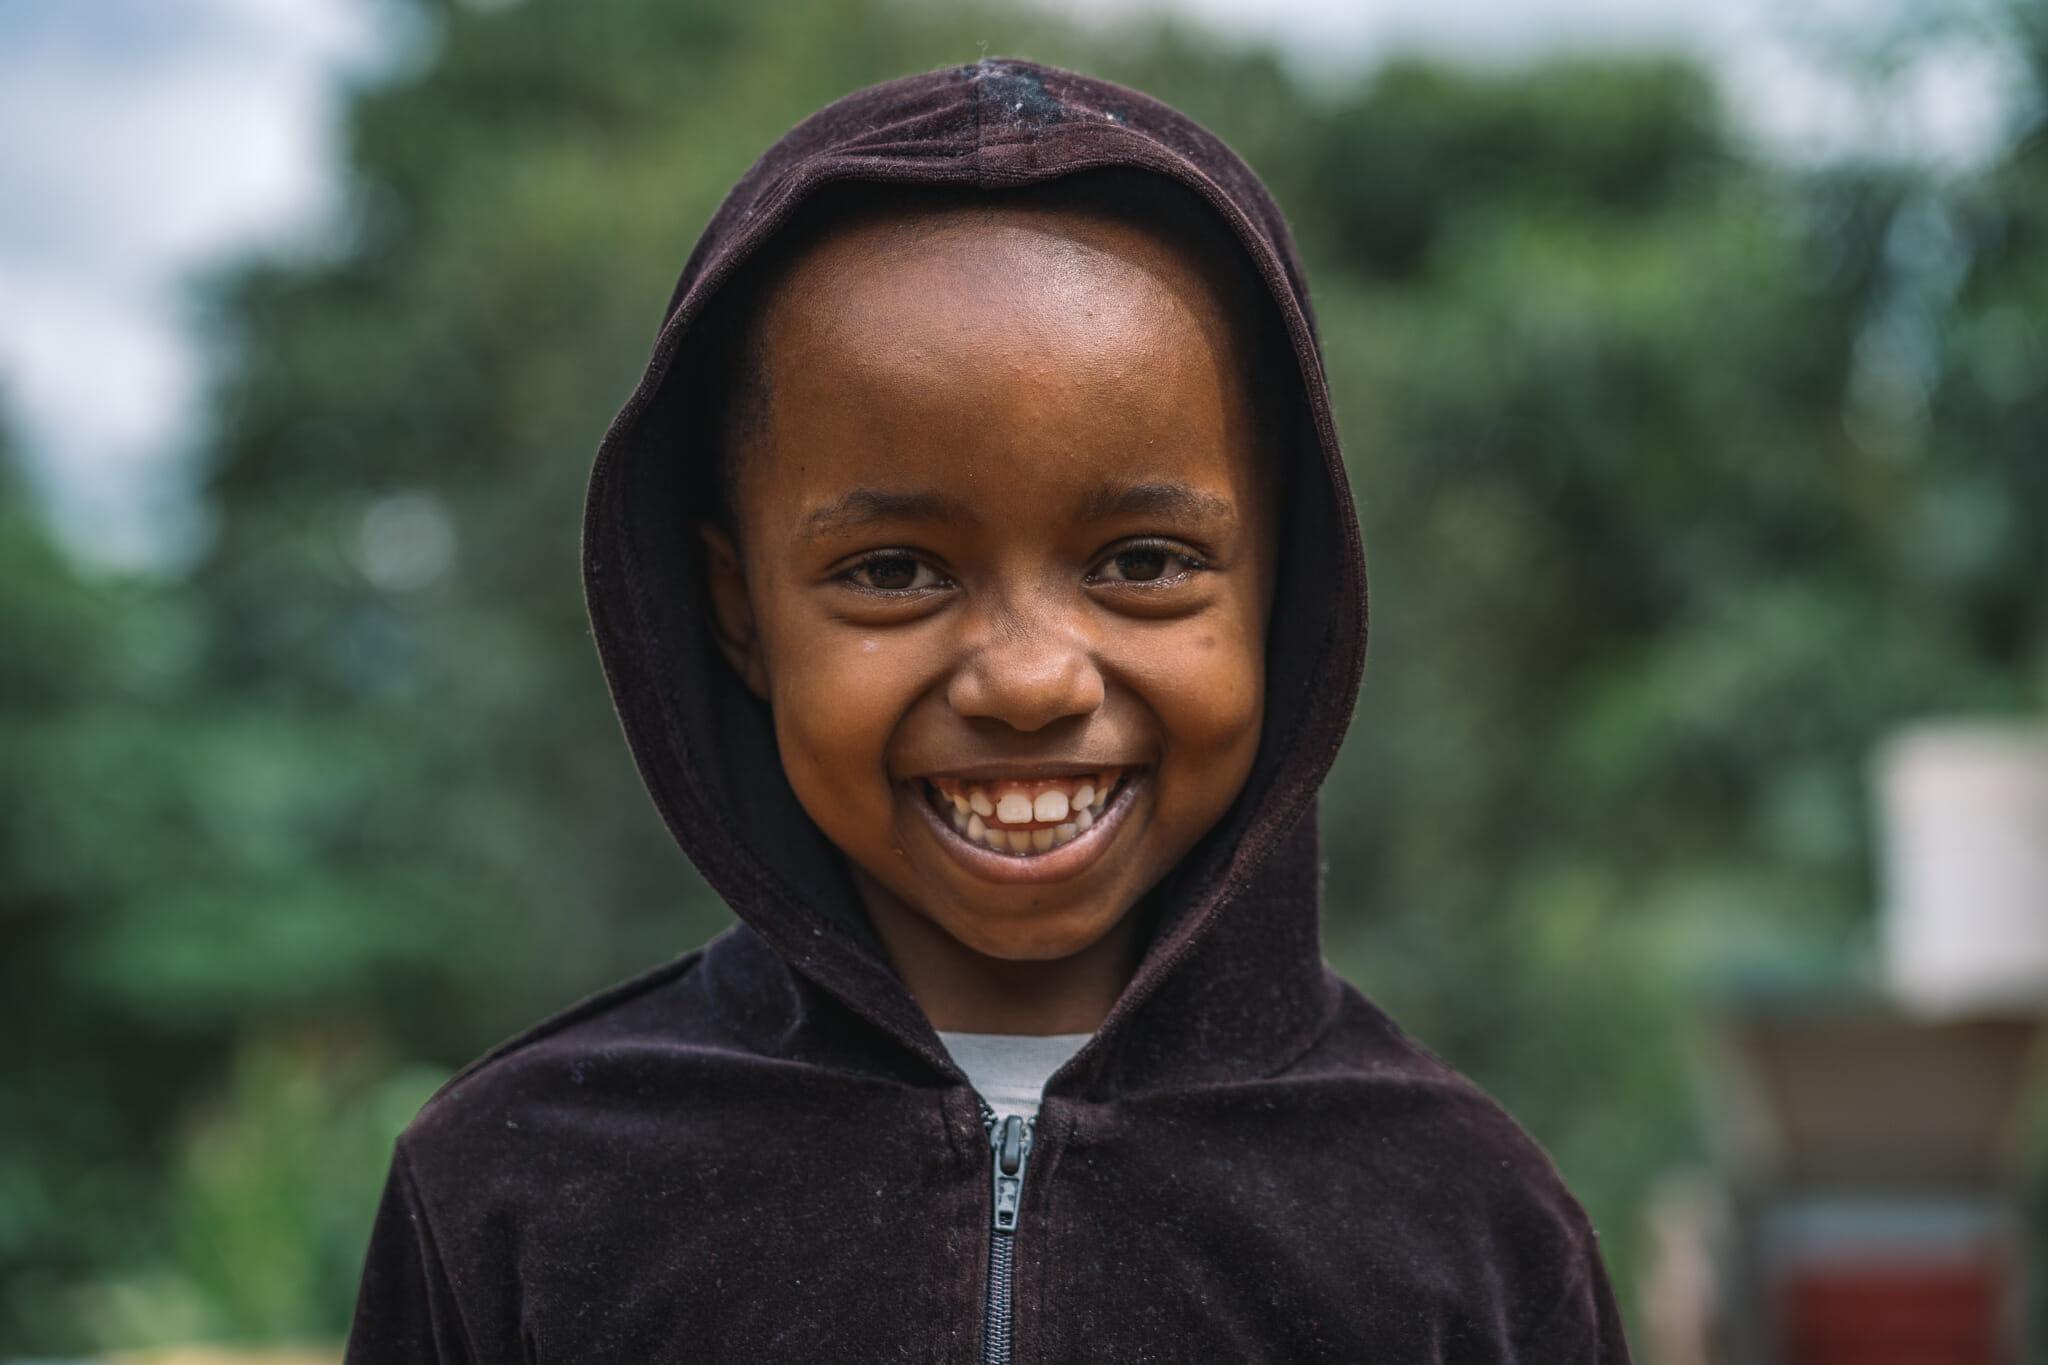 Au coeur d'une ferme de café familiale en Tanzanie, moment de rigolade avec les enfants des fondateurs